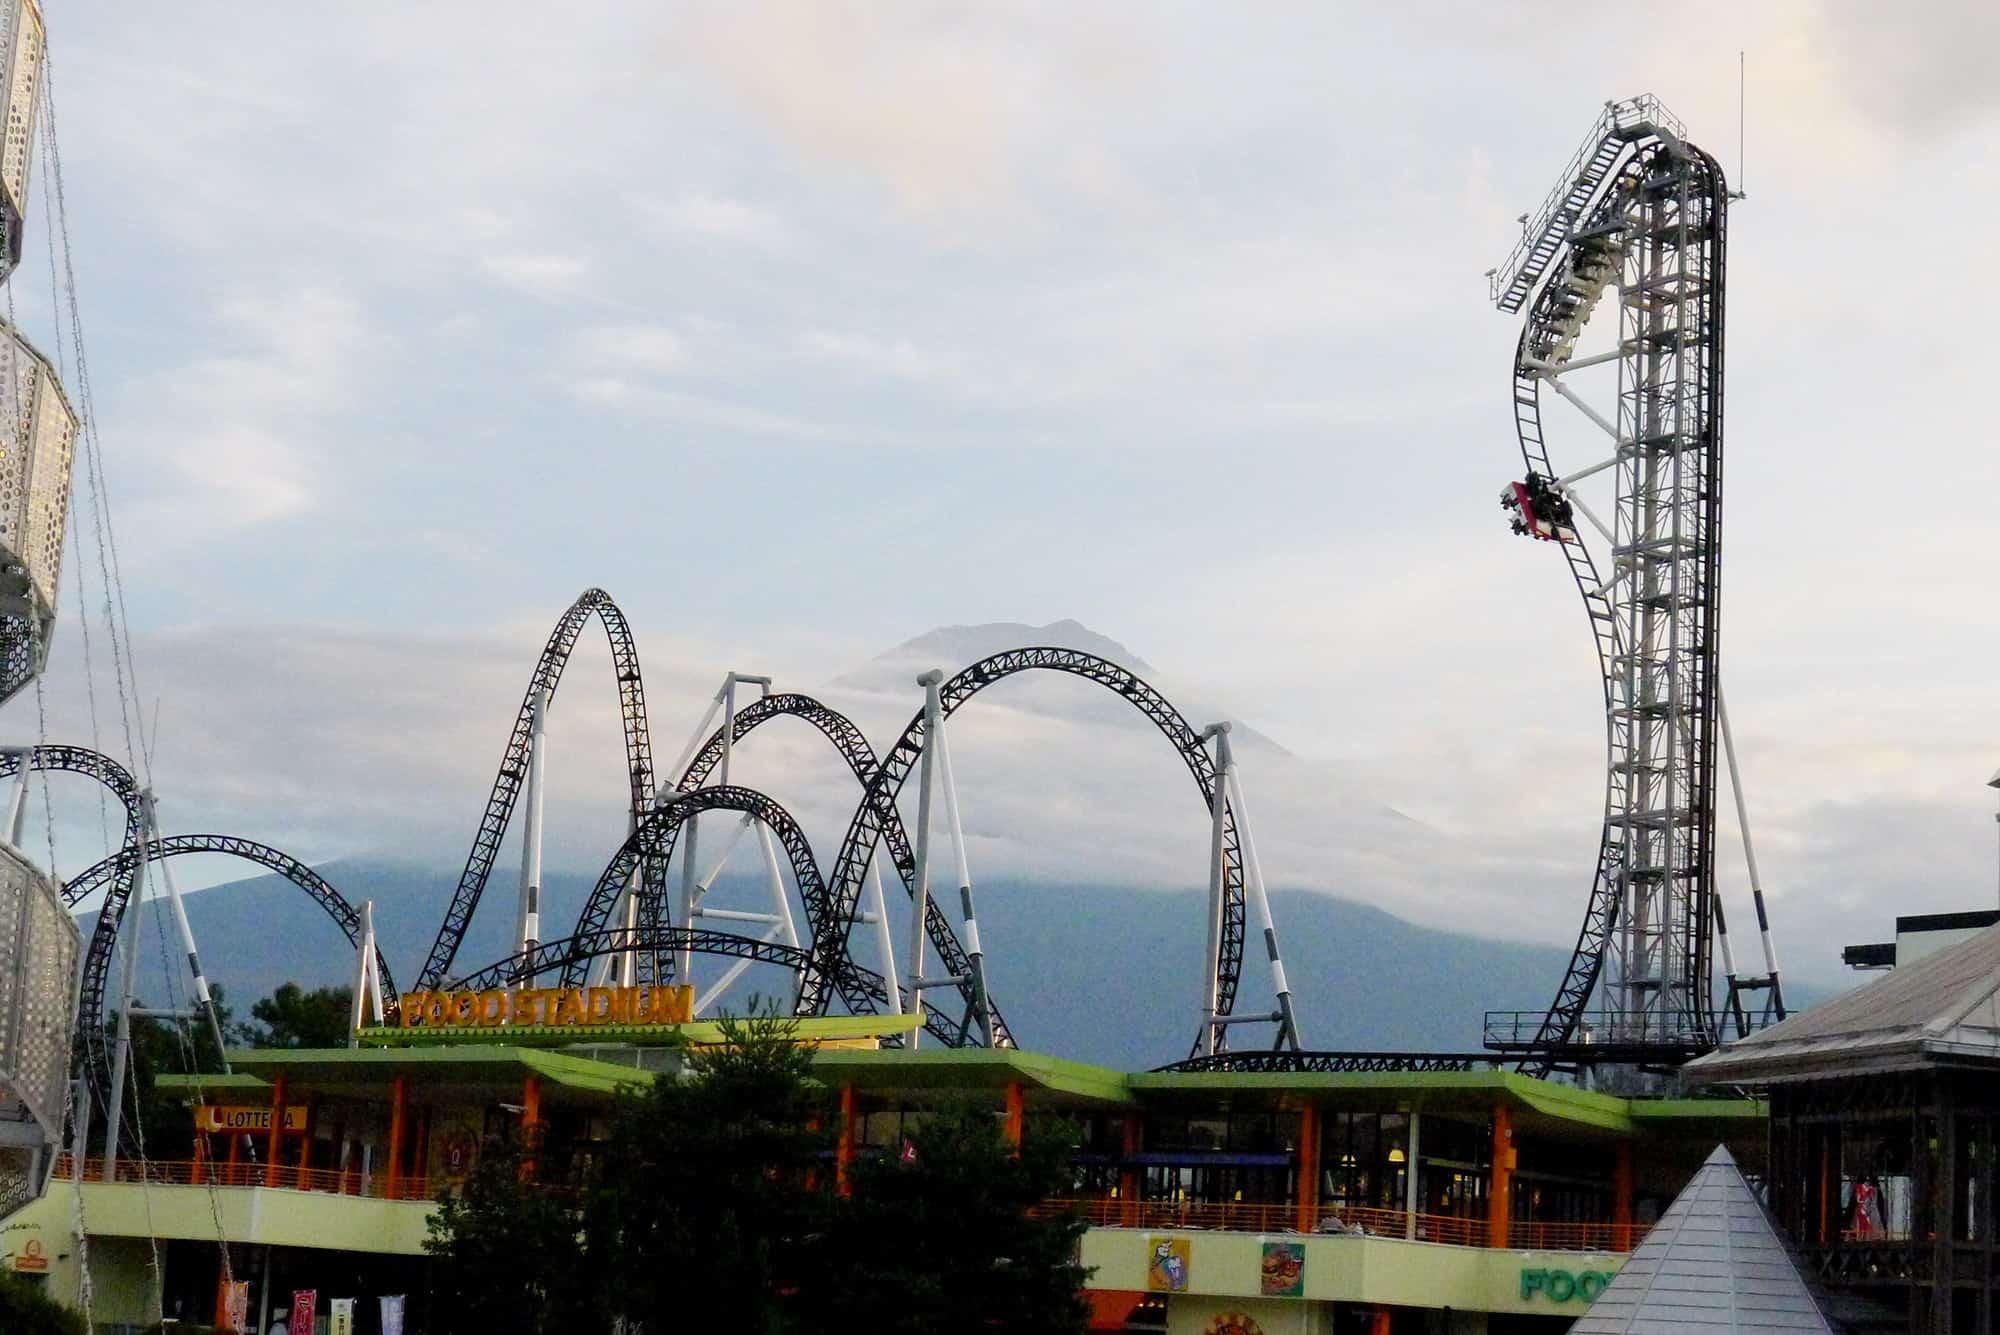 Takabisha เครื่องเล่นที่สวนสนุก Fuji-Q Highland